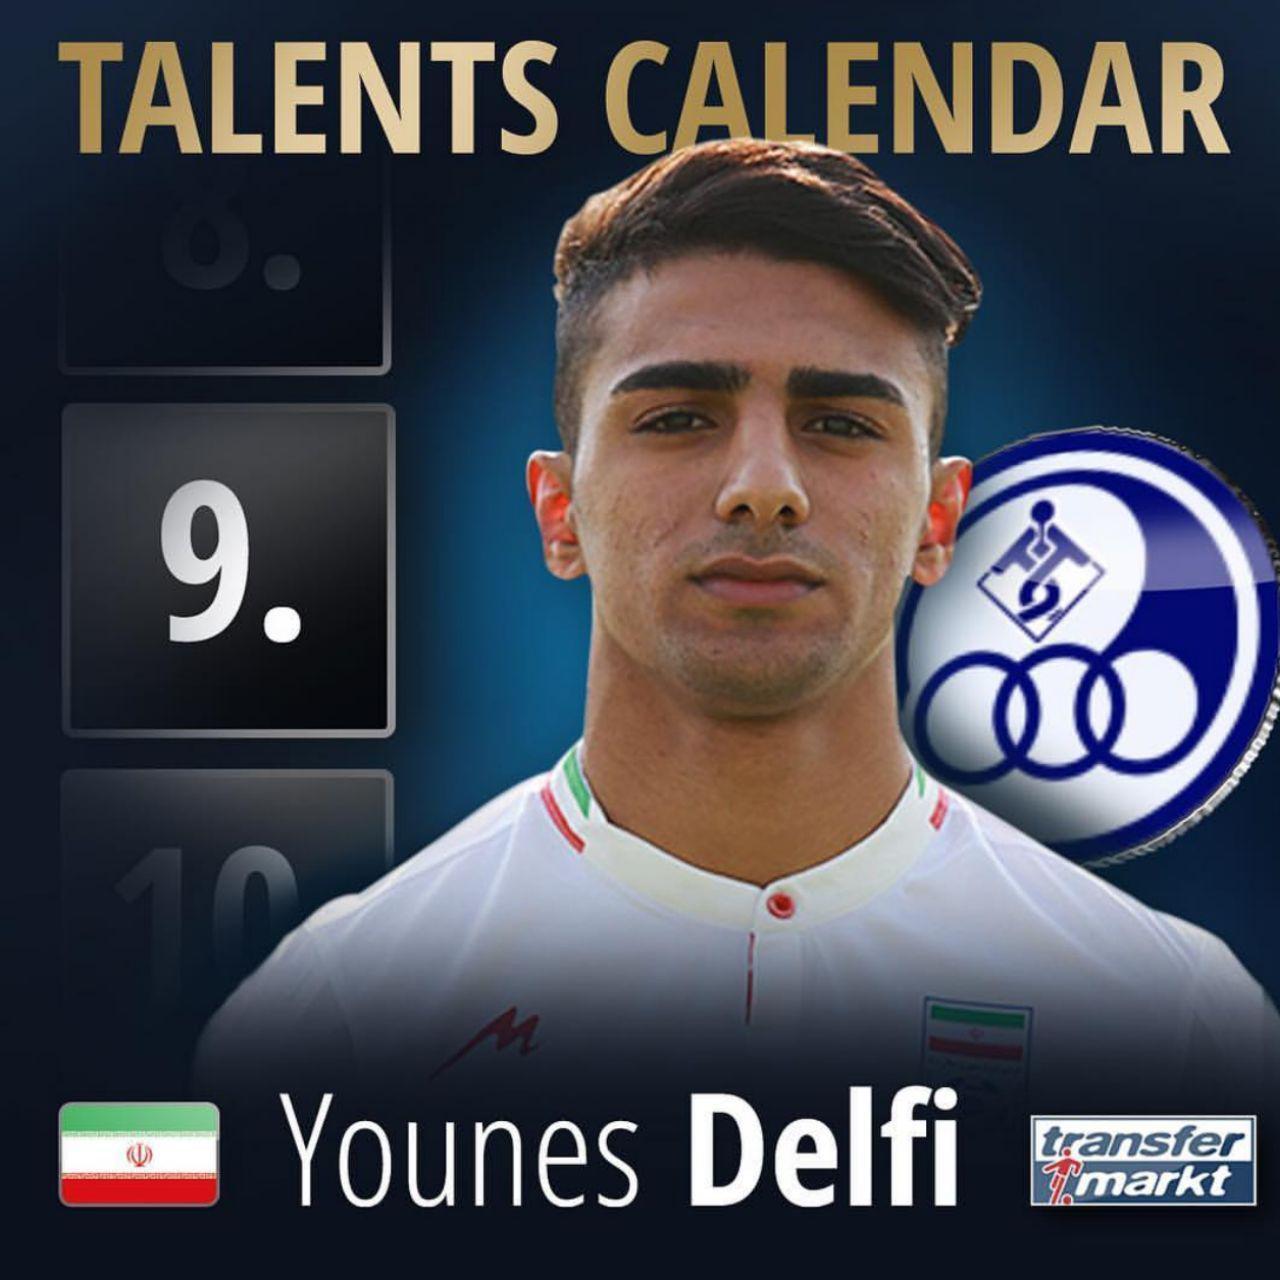 بازیکن ۱۶ ساله ایرانی نهمین استعداد برتر فوتبال در جهان